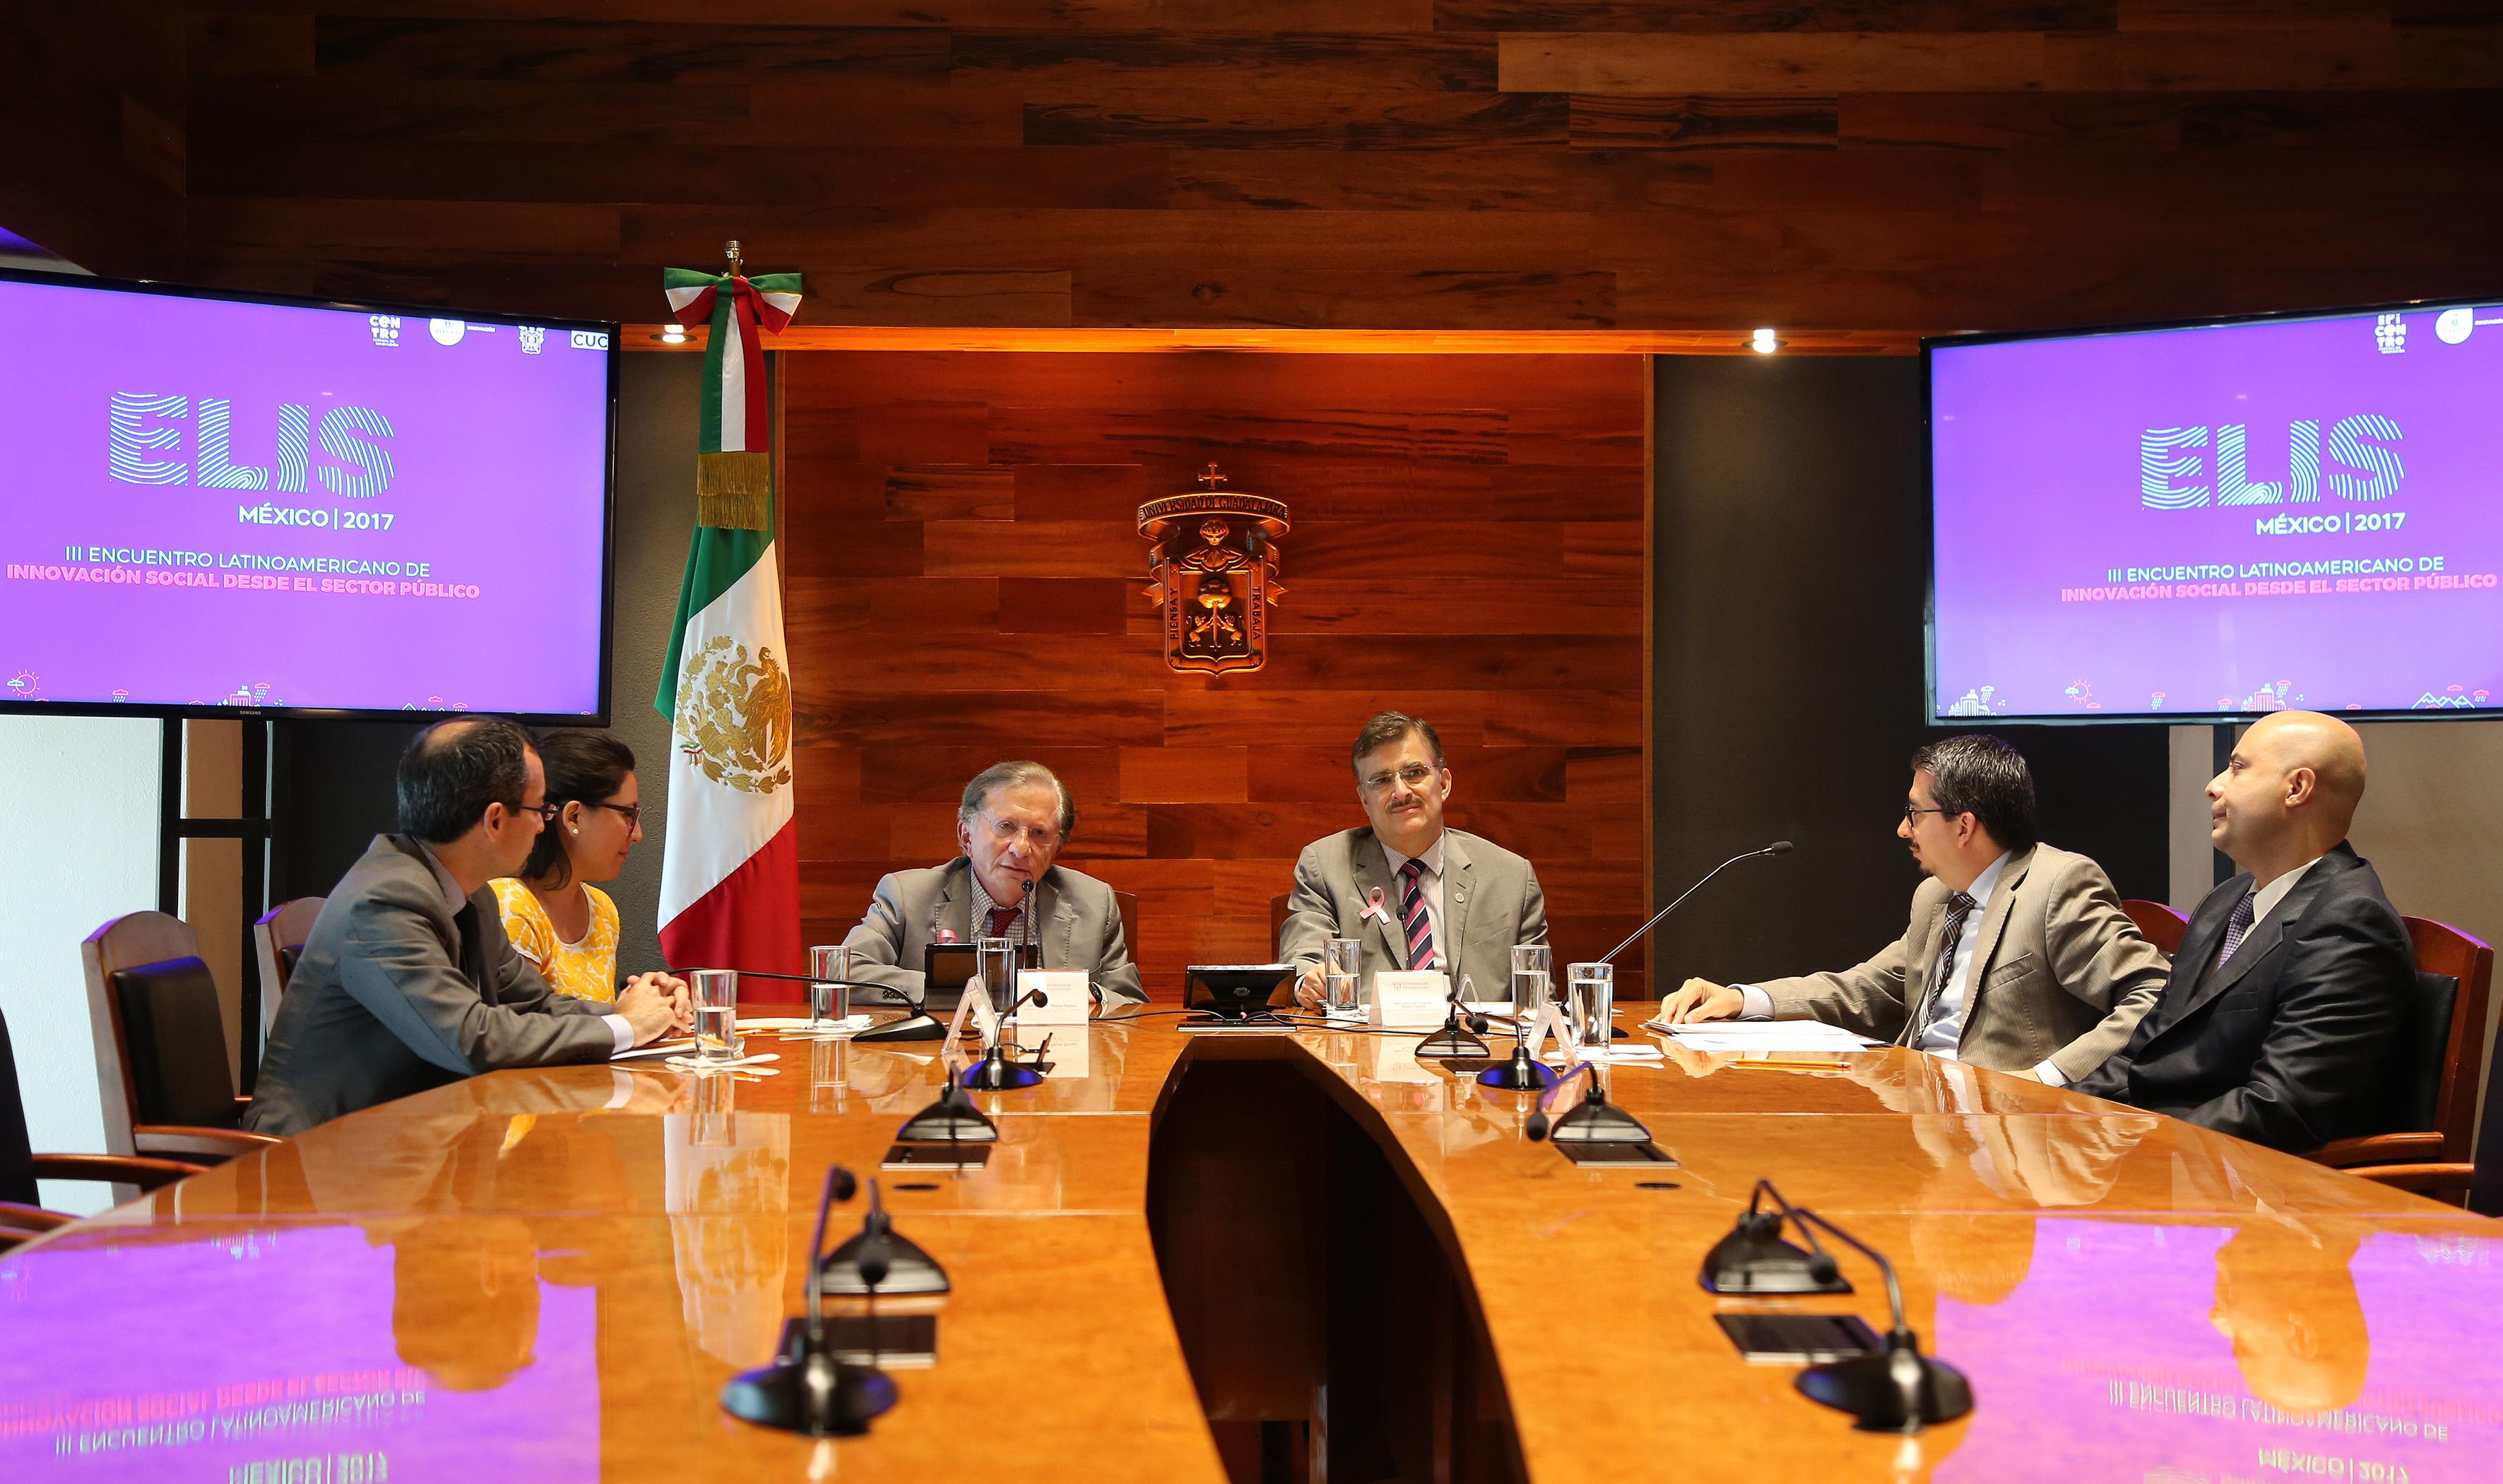 Conferencia de prensa para dar a conocer el programa del Encuentro Latinoamericano de Innovación Social, a realizarse del 31 de octubre al 2 de noviembre